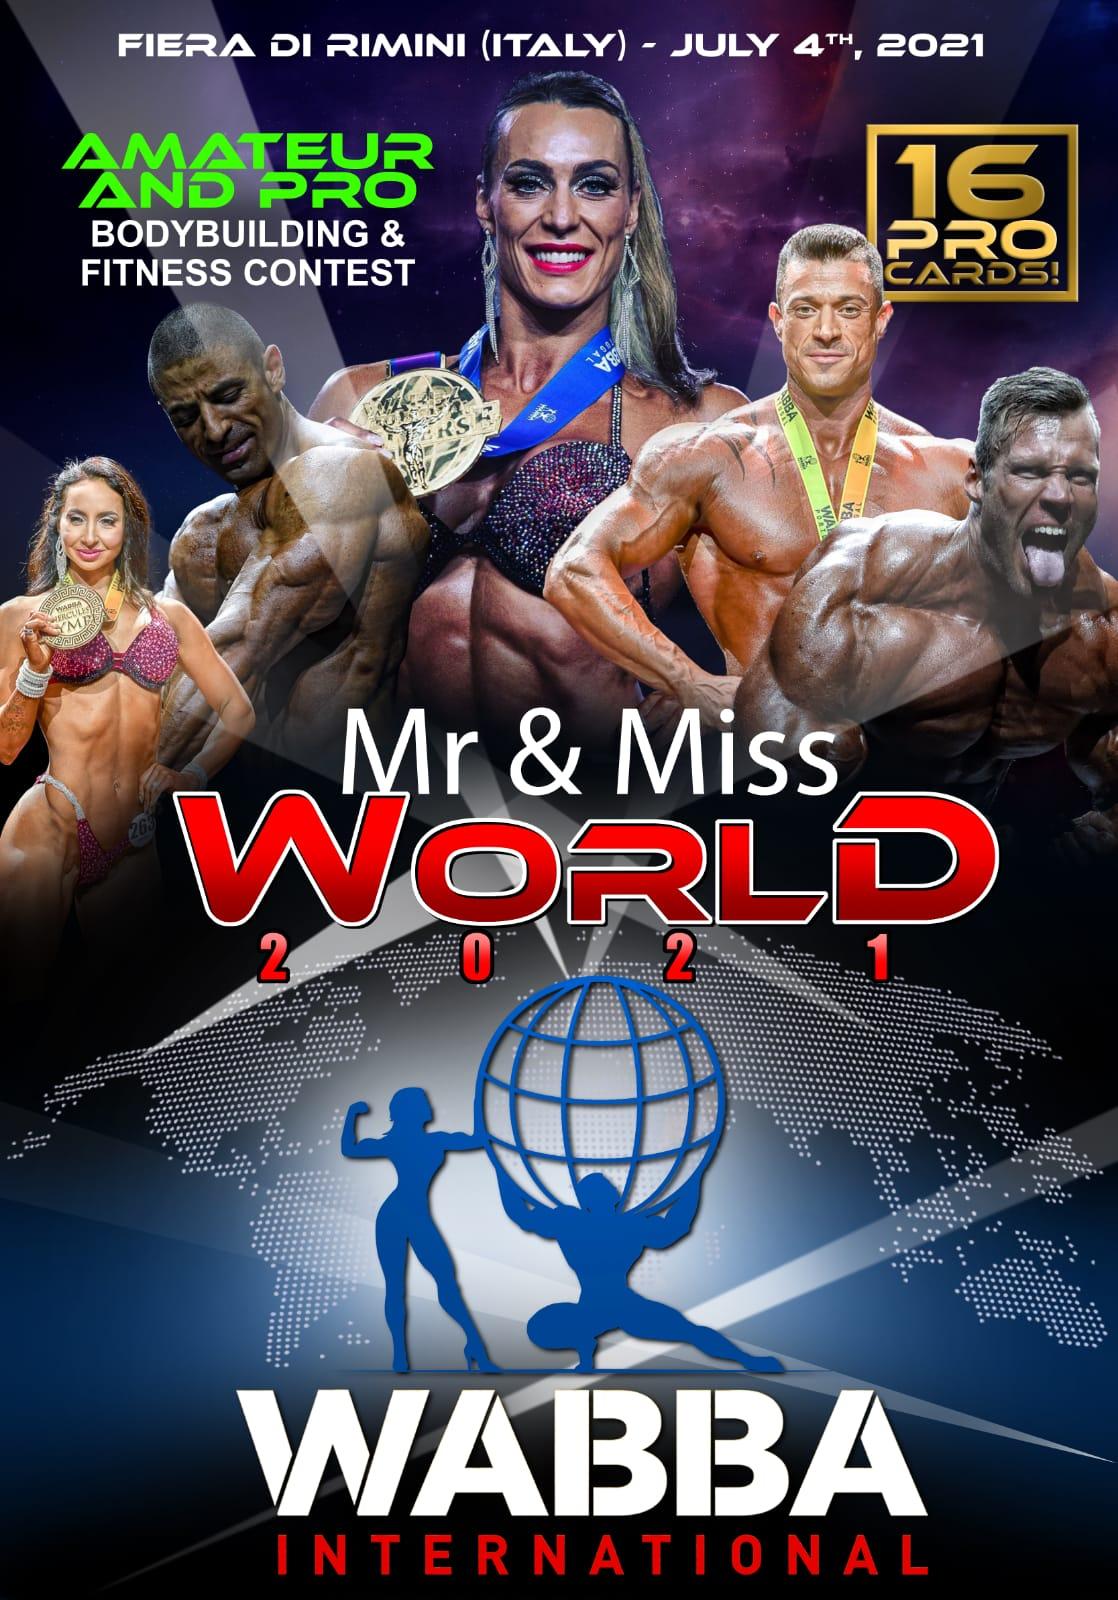 WABBA International world championship 2021 poster